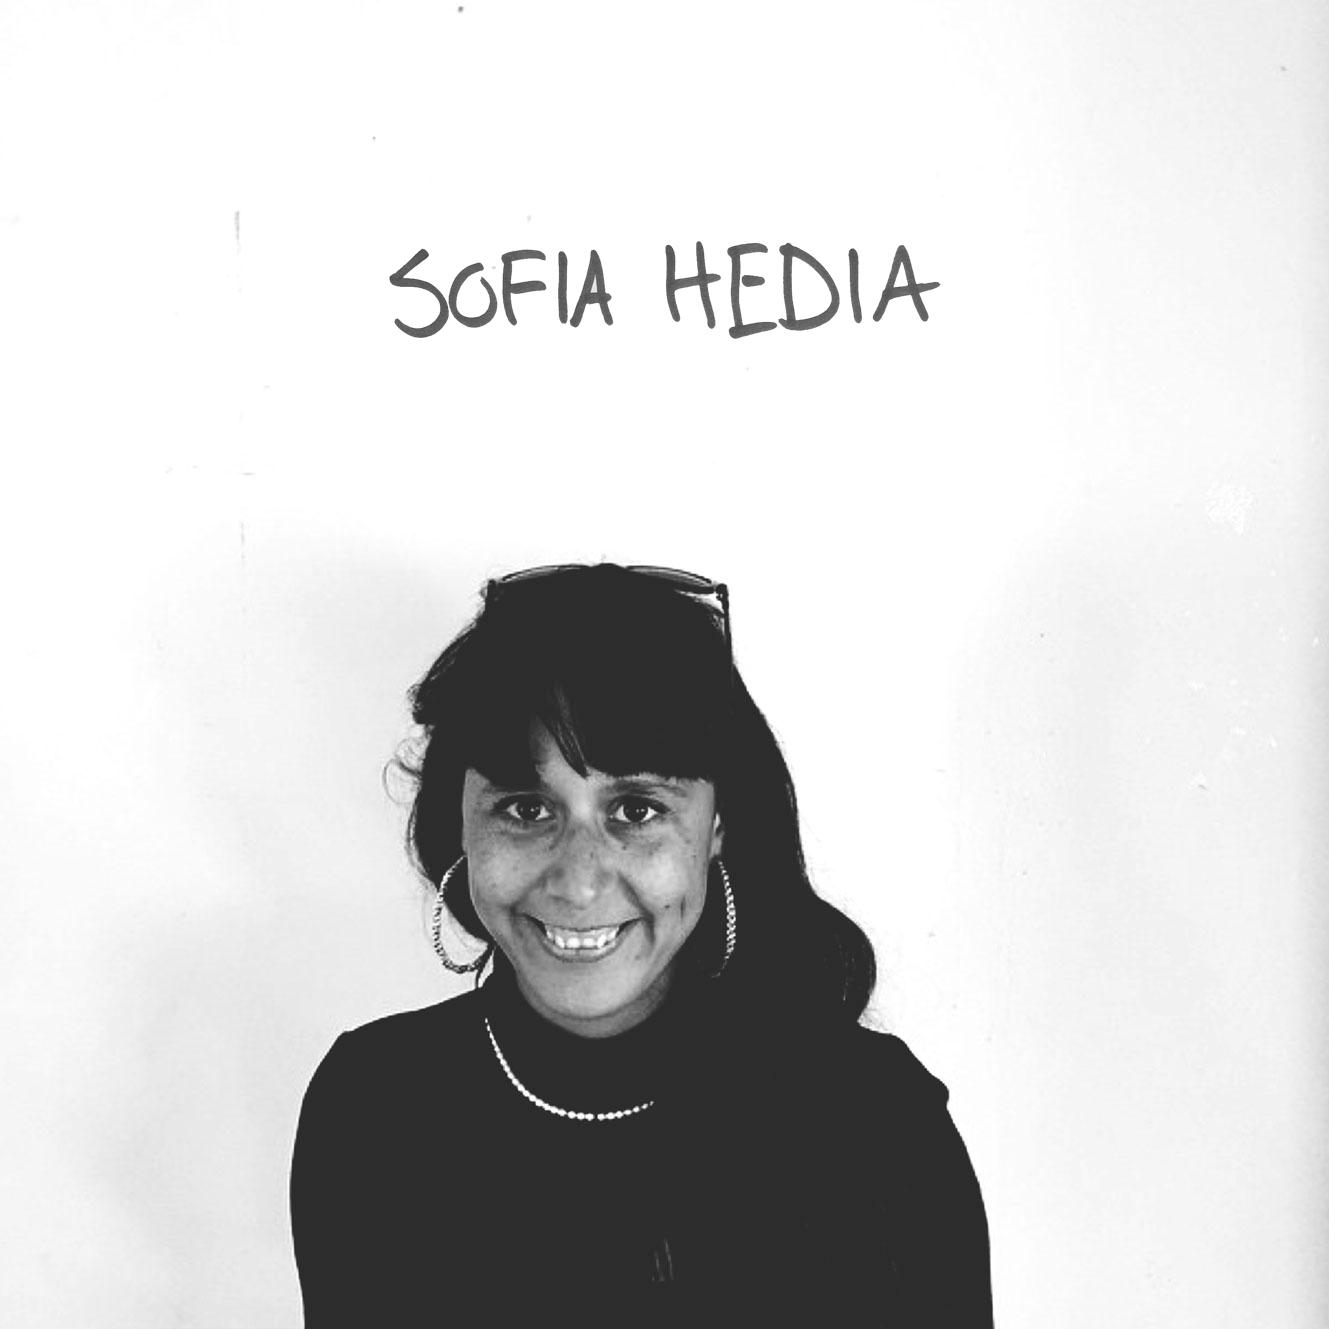 SOFIA HEDIA